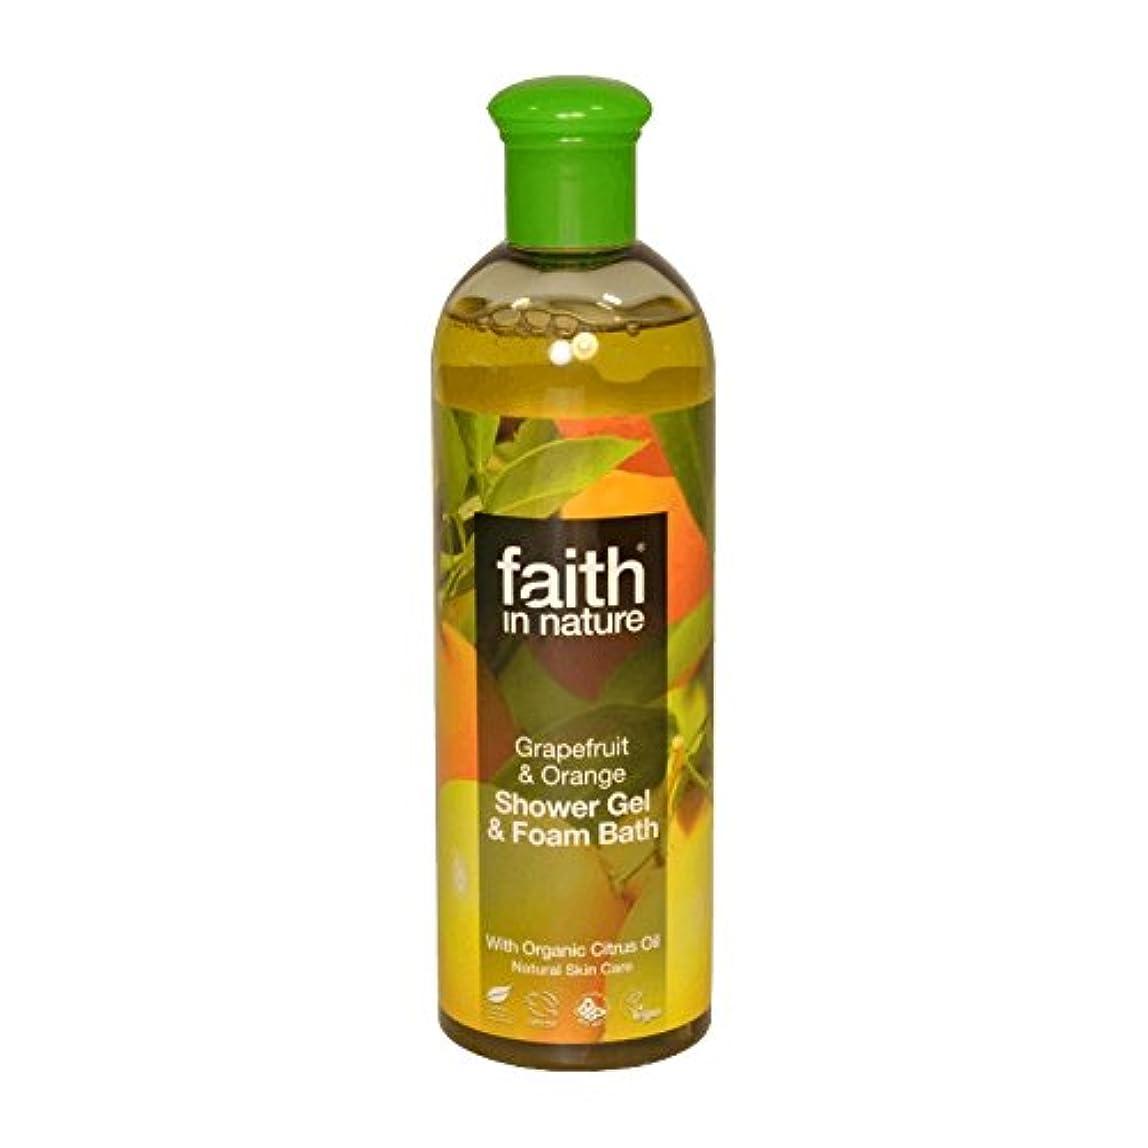 主流理容室彼らの自然グレープフルーツ&オレンジシャワージェル&バス泡400ミリリットルの信仰 - Faith in Nature Grapefruit & Orange Shower Gel & Bath Foam 400ml (Faith...